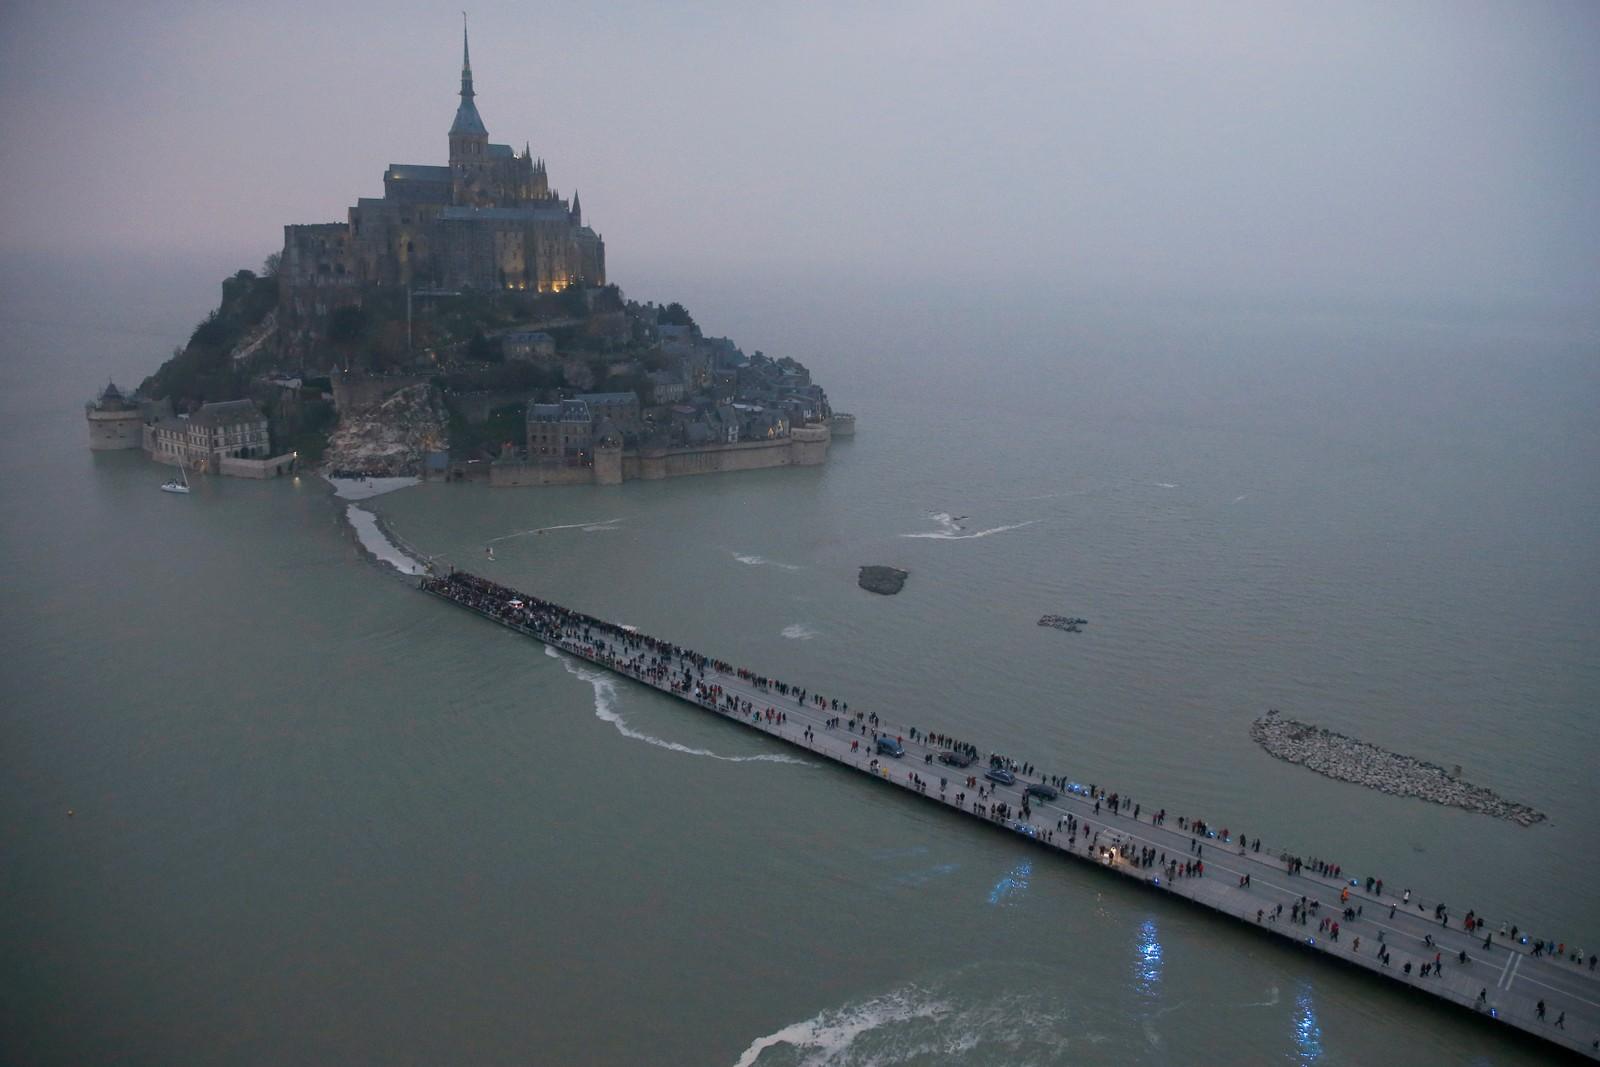 Turister samler seg på broa ut til Mont Saint Michel. Klosteret er ventet å bli nesten helt omsluttet av havet på grunn av det uvanlig høye tidevannet som er ventet.